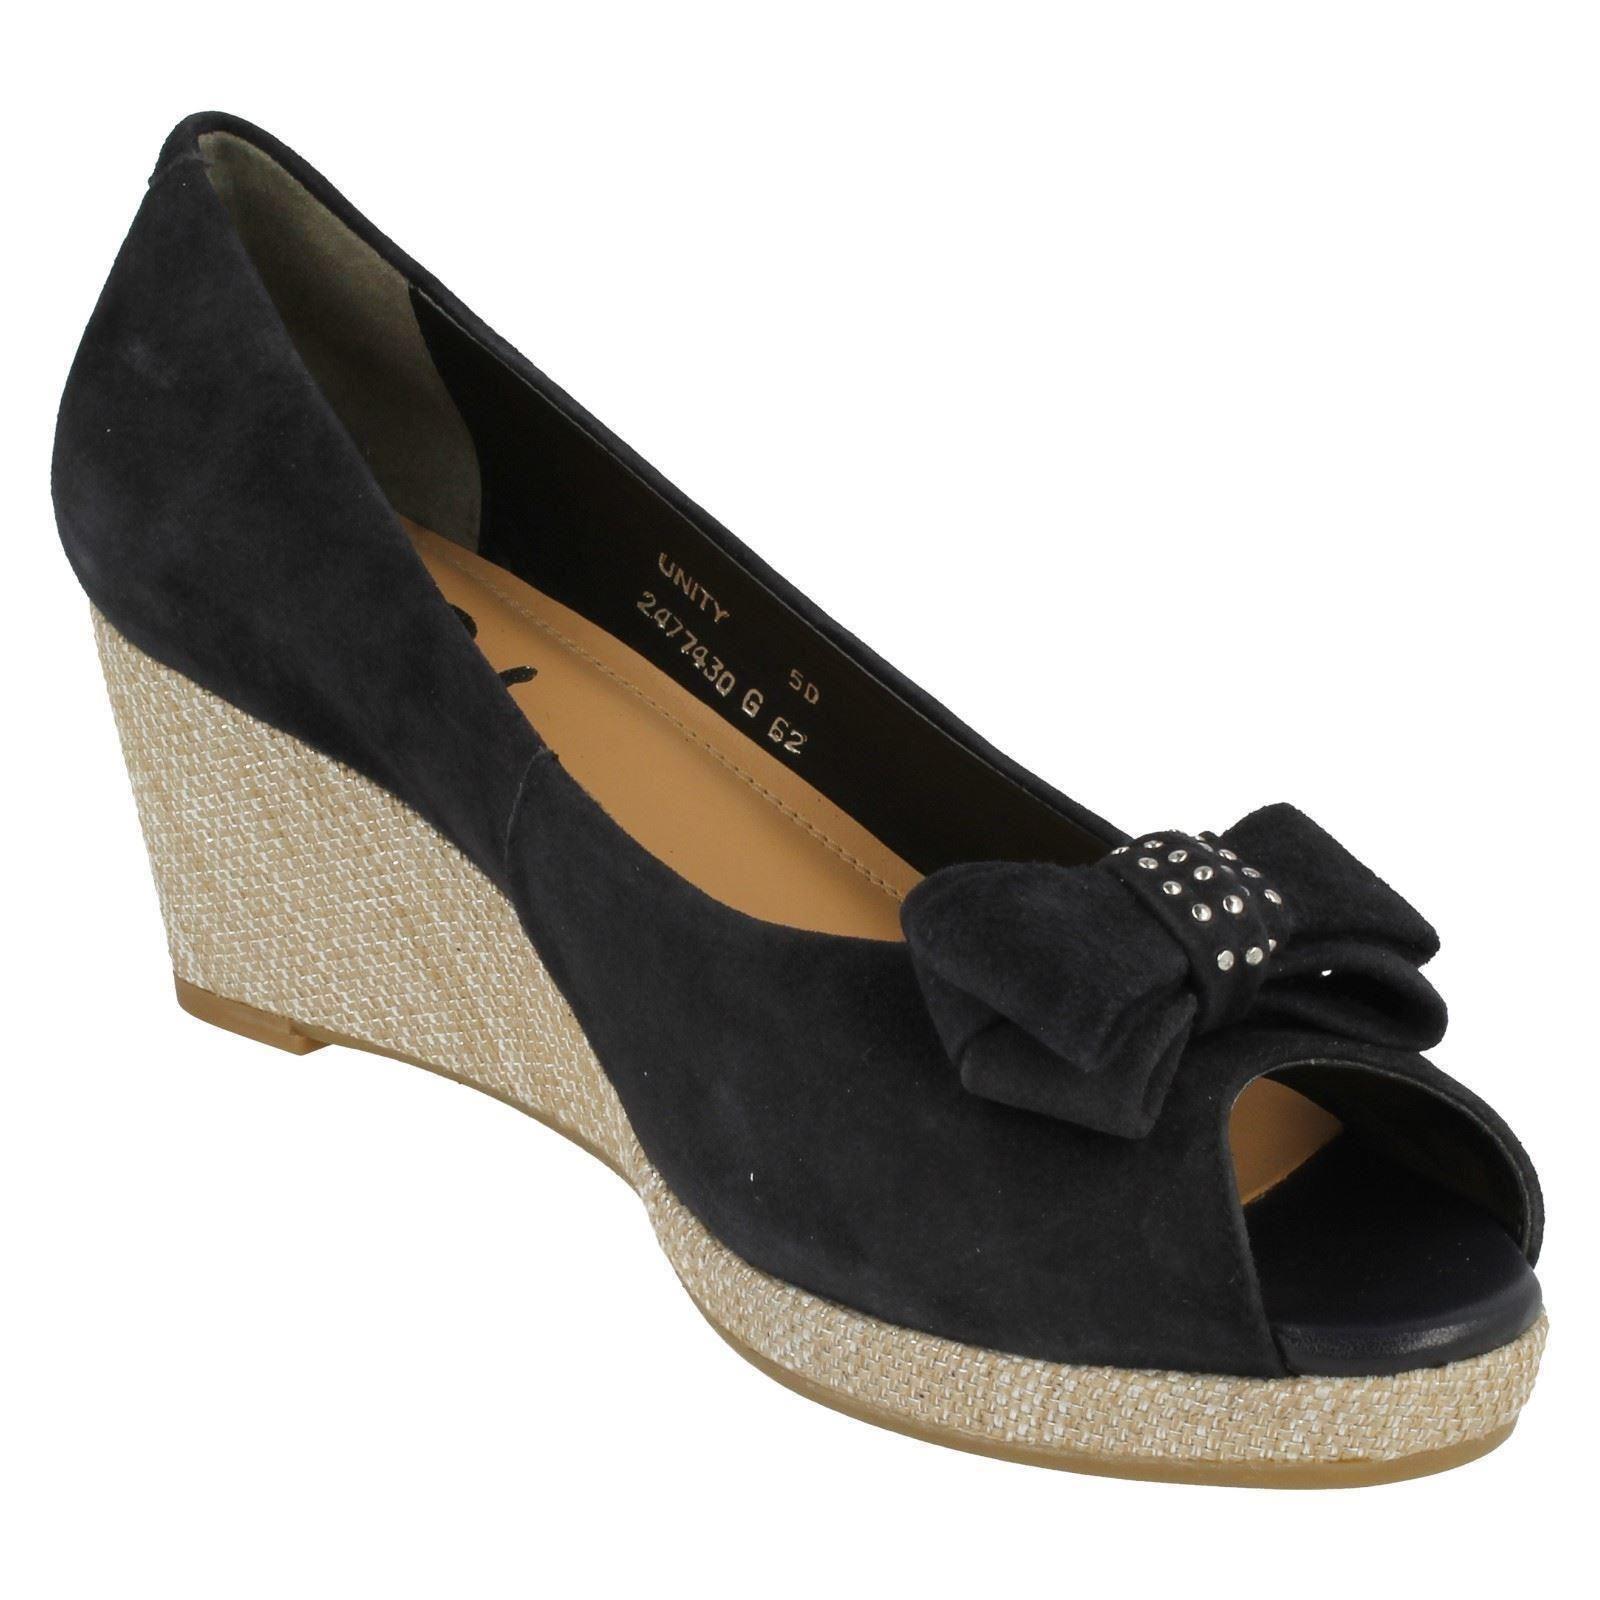 Señoras van dal Zapatos Slip On Cuña De Punta Abierta Zapatos dal Unity a9f9a1